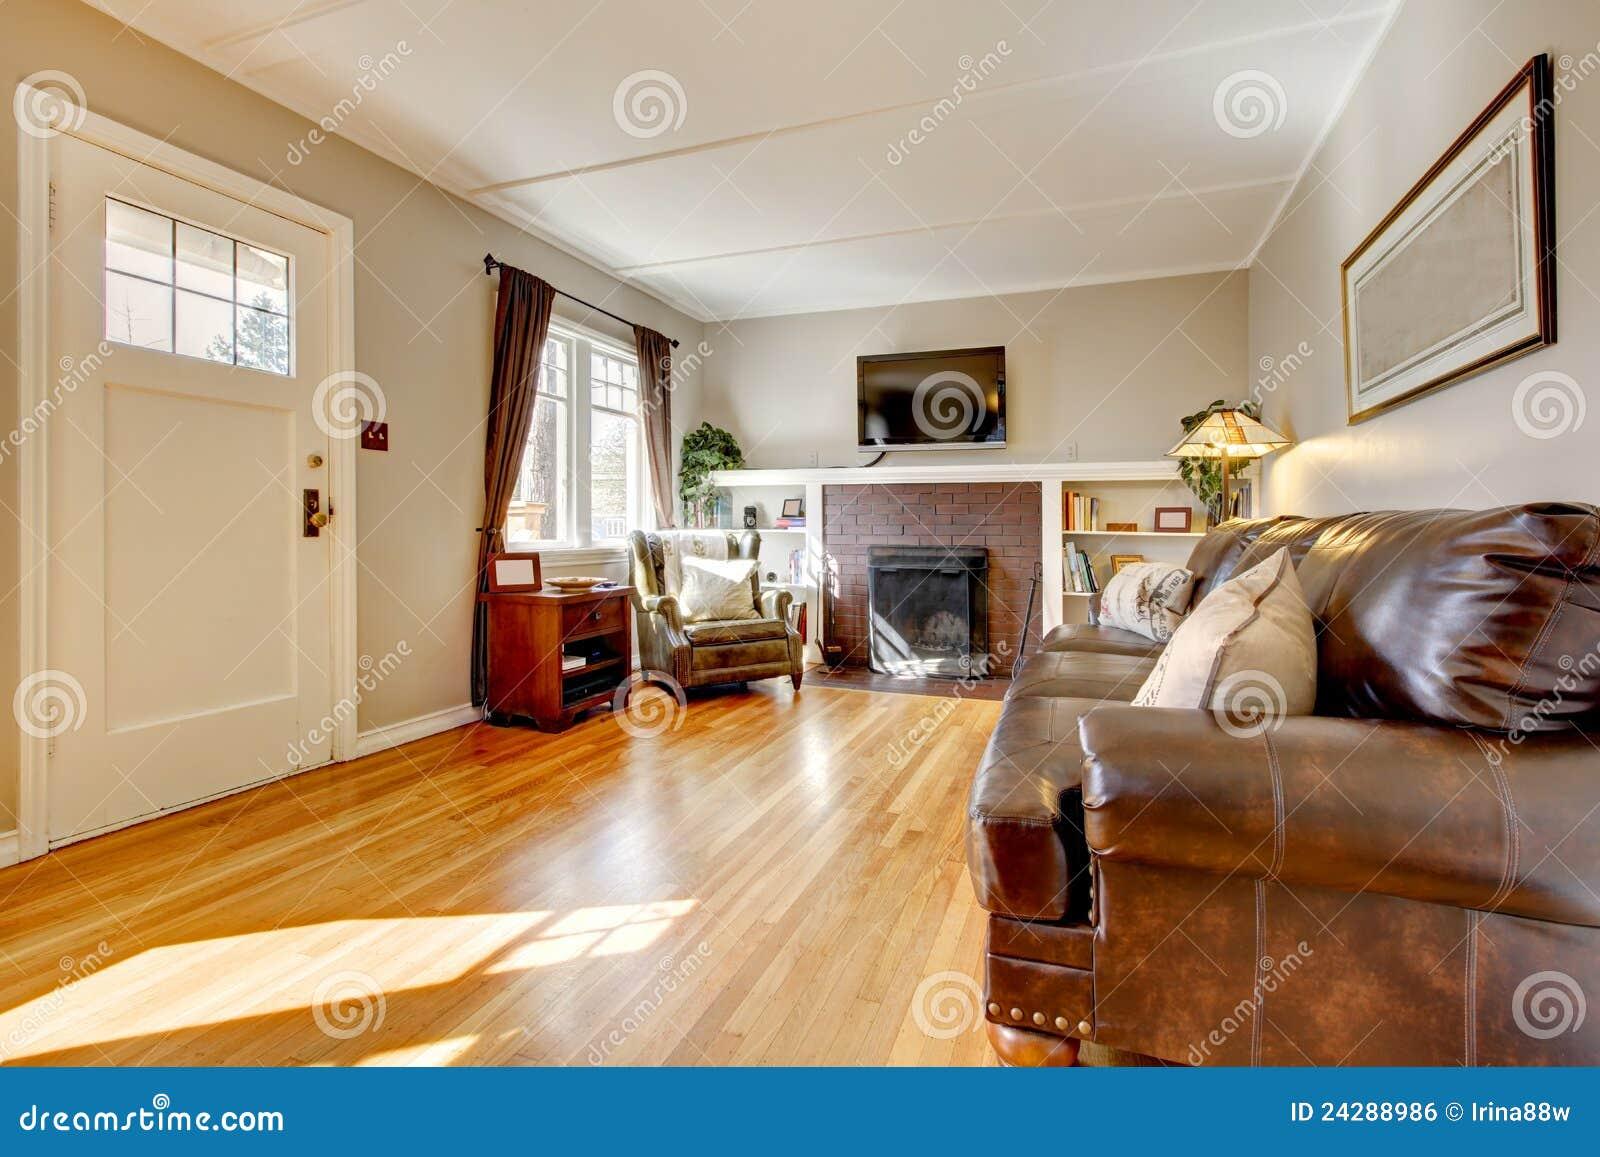 Woonkamer met beige muren, leerbank en tv. royalty vrije stock ...